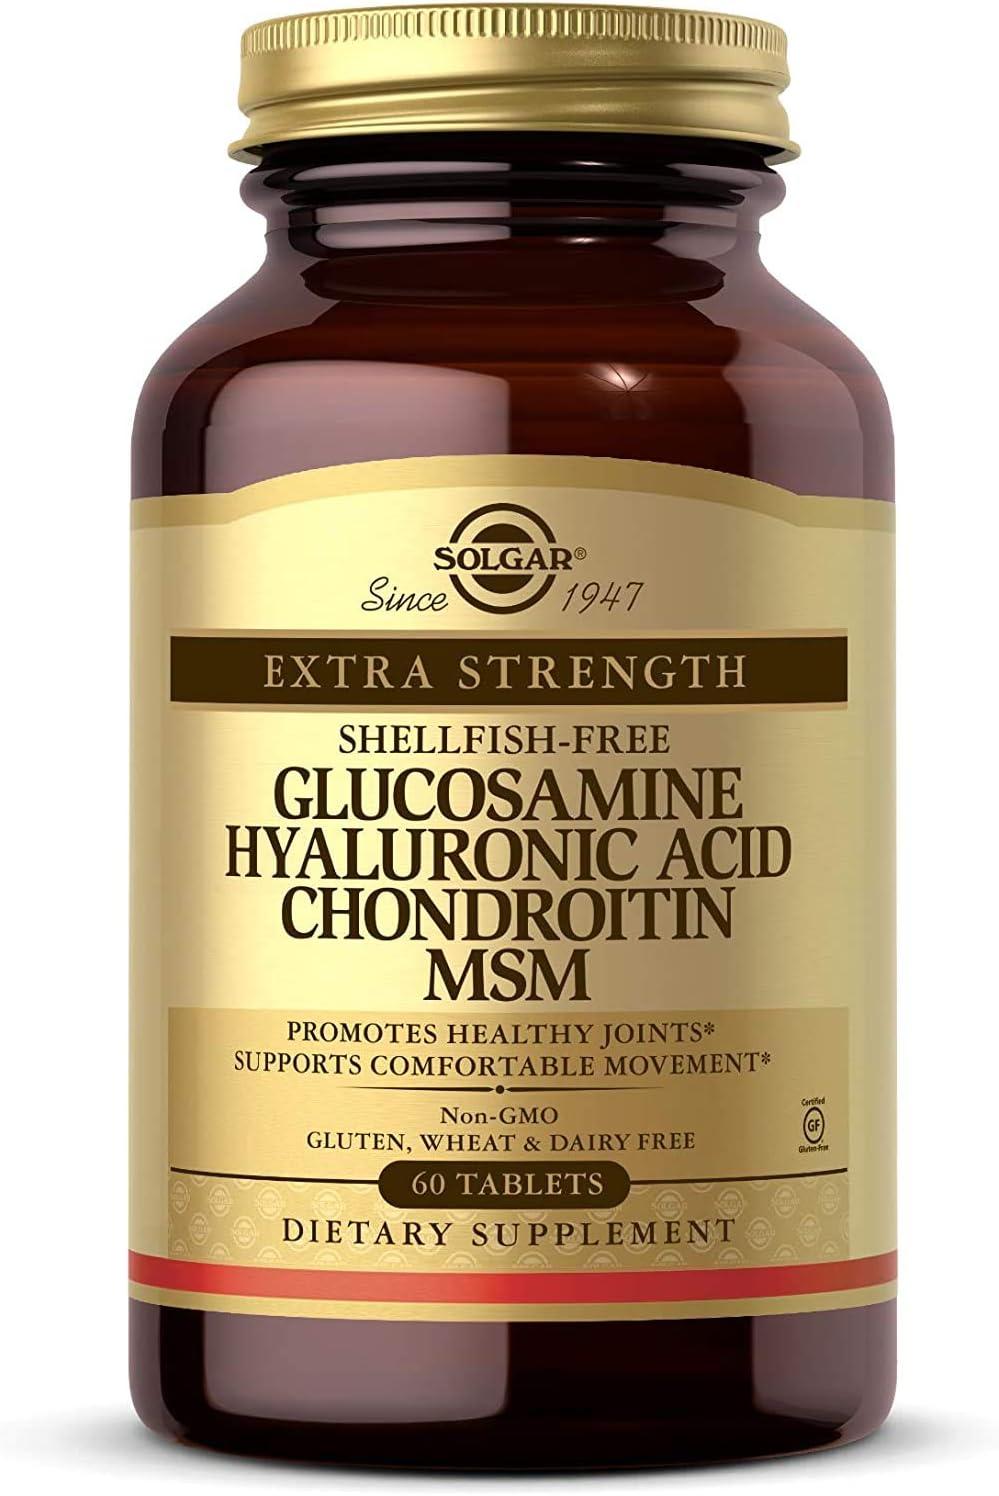 sisteme de glucozamină condroitină pov